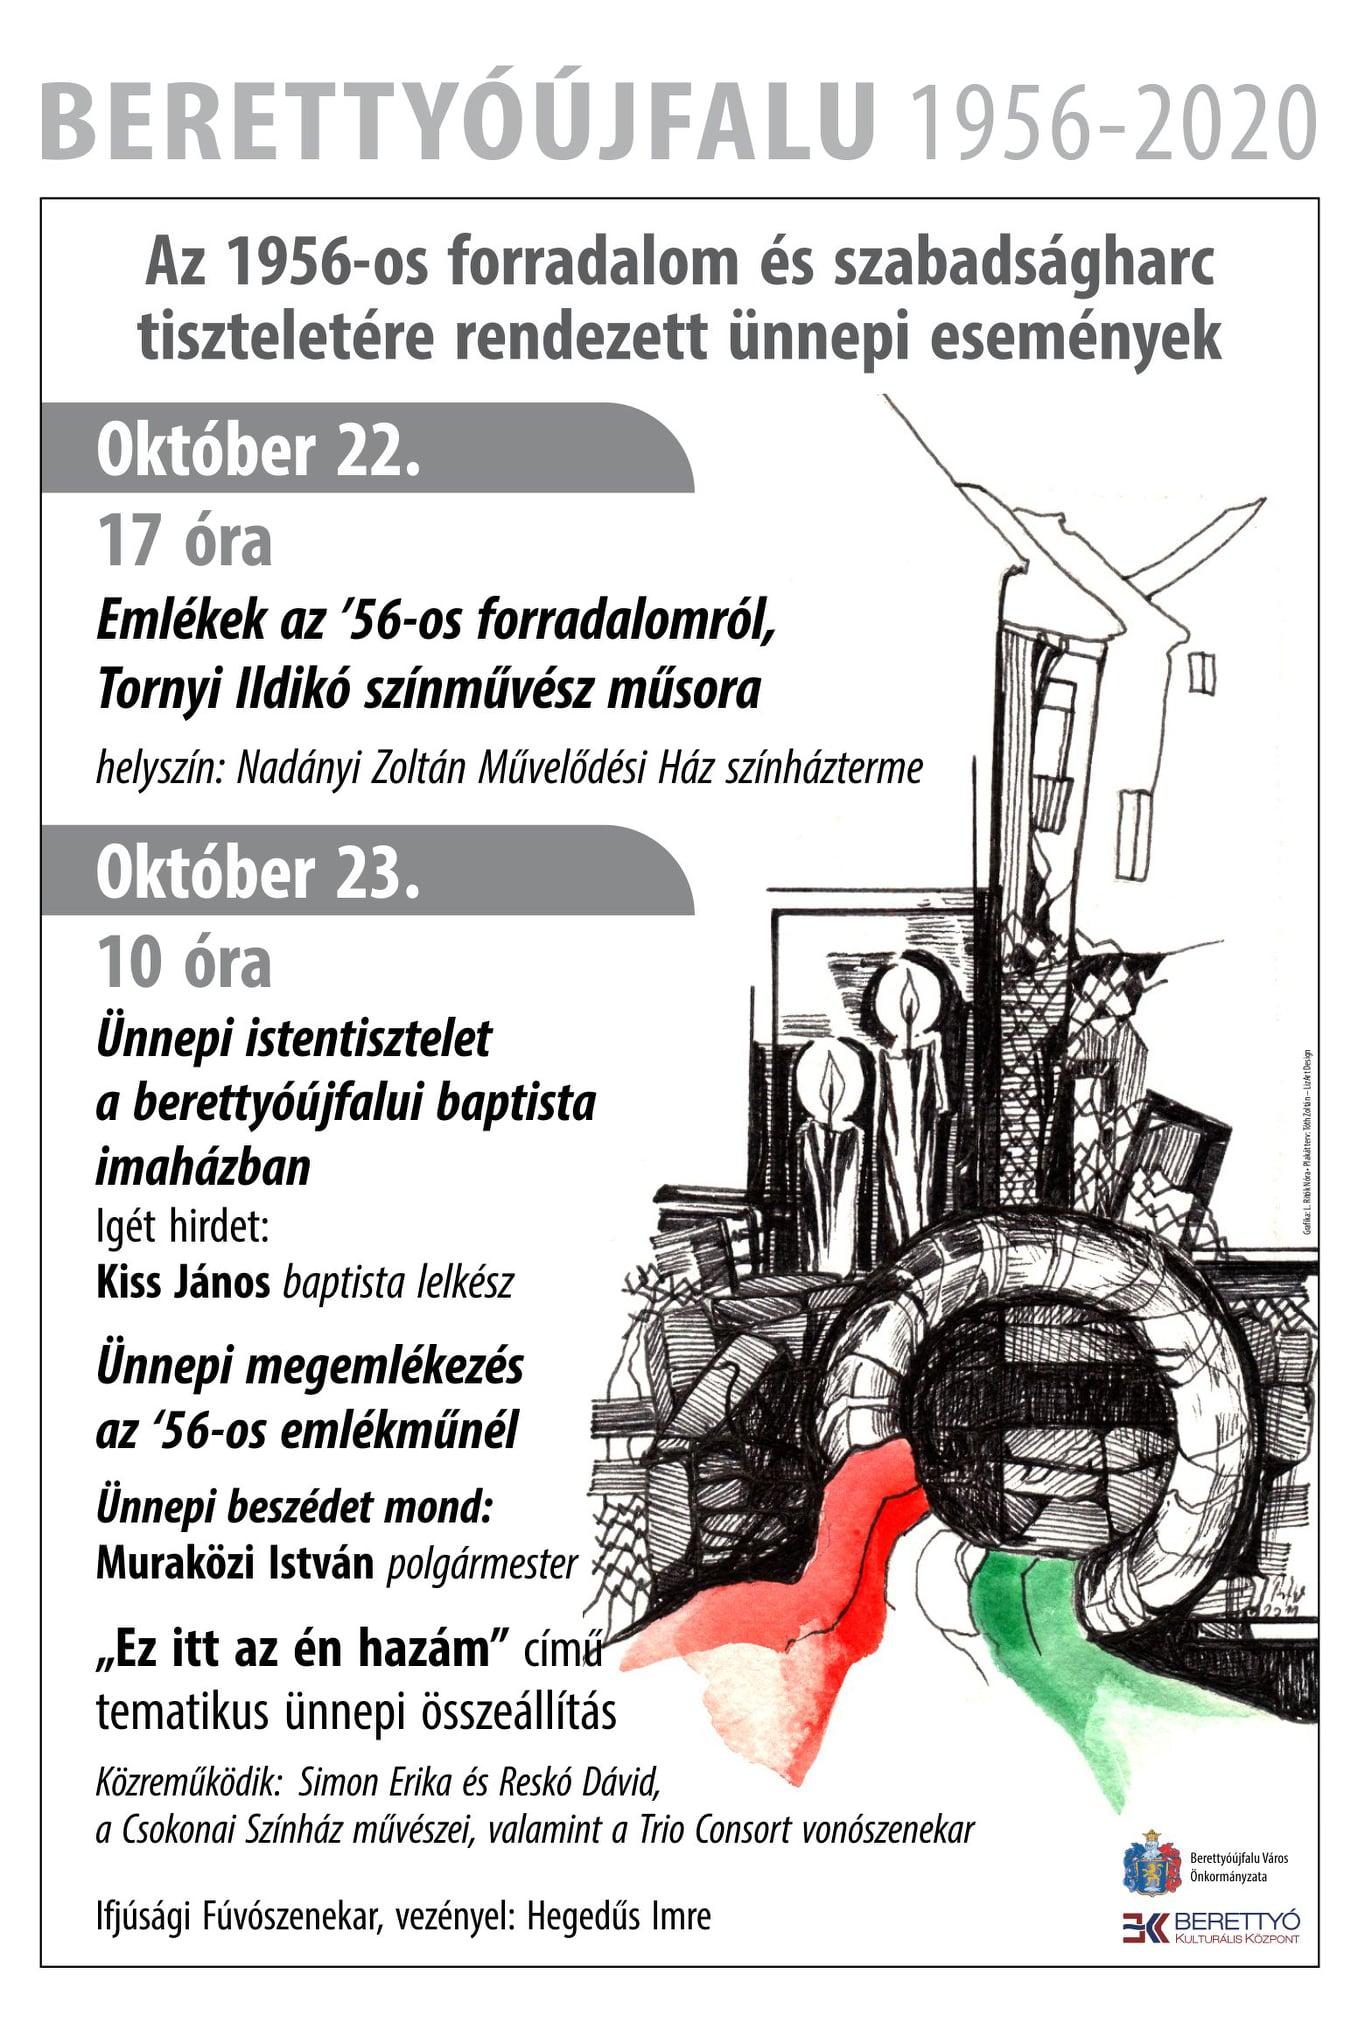 Az 1956-os forradalom és szabadságharc tiszteletére rendezett ünnepi események